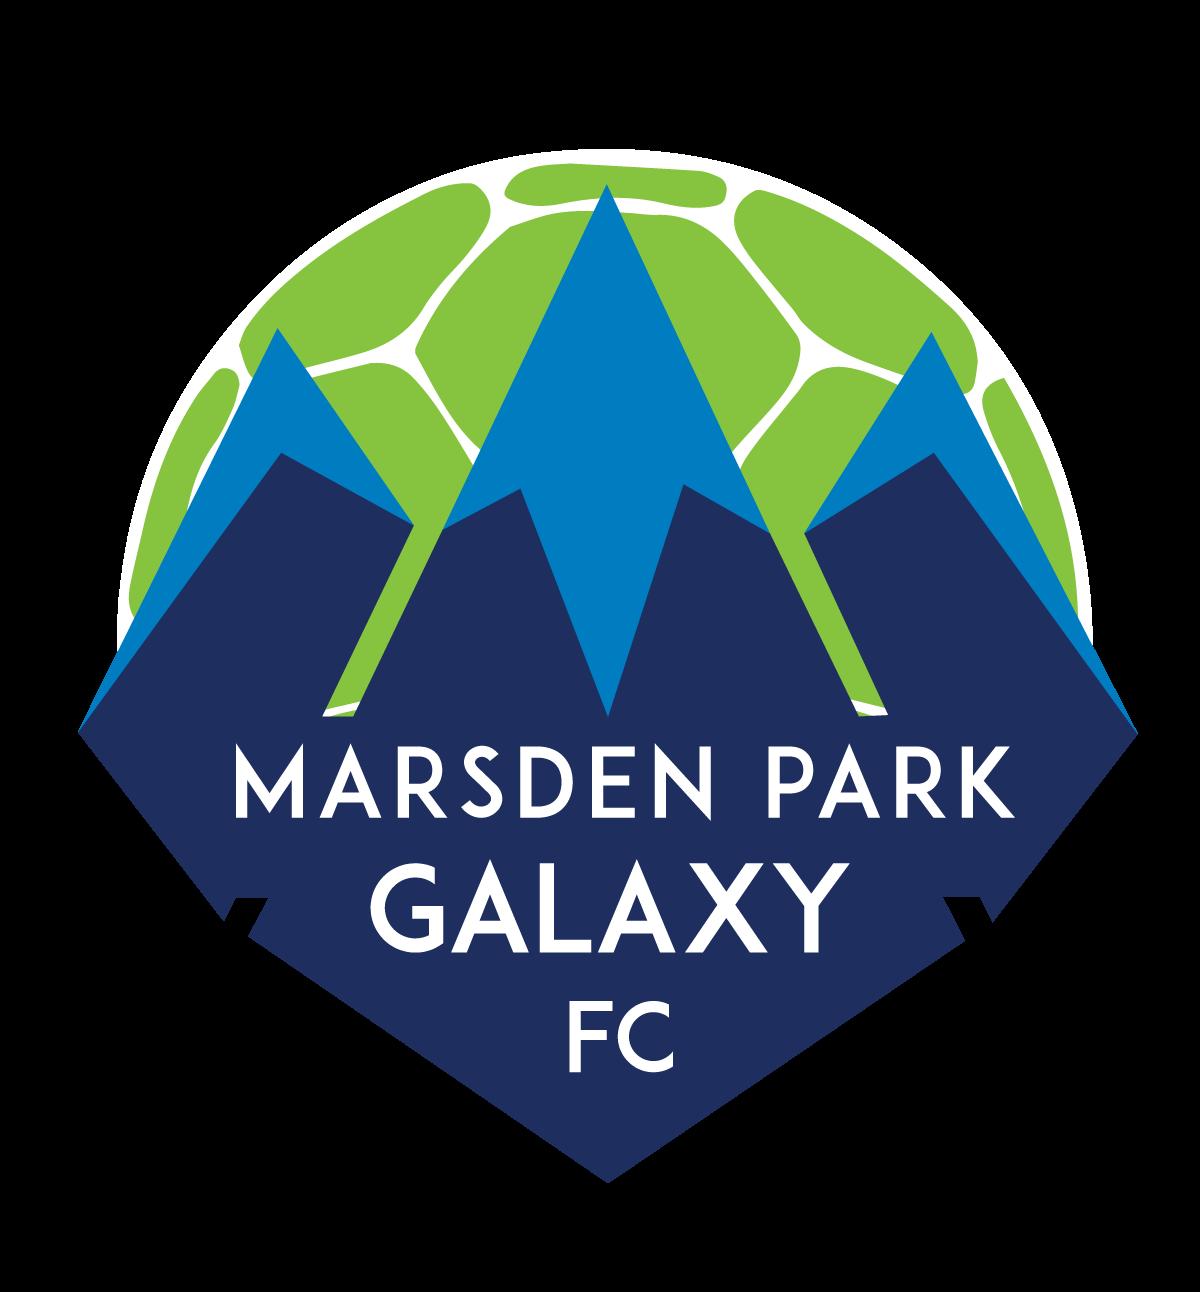 Marsden Park FC